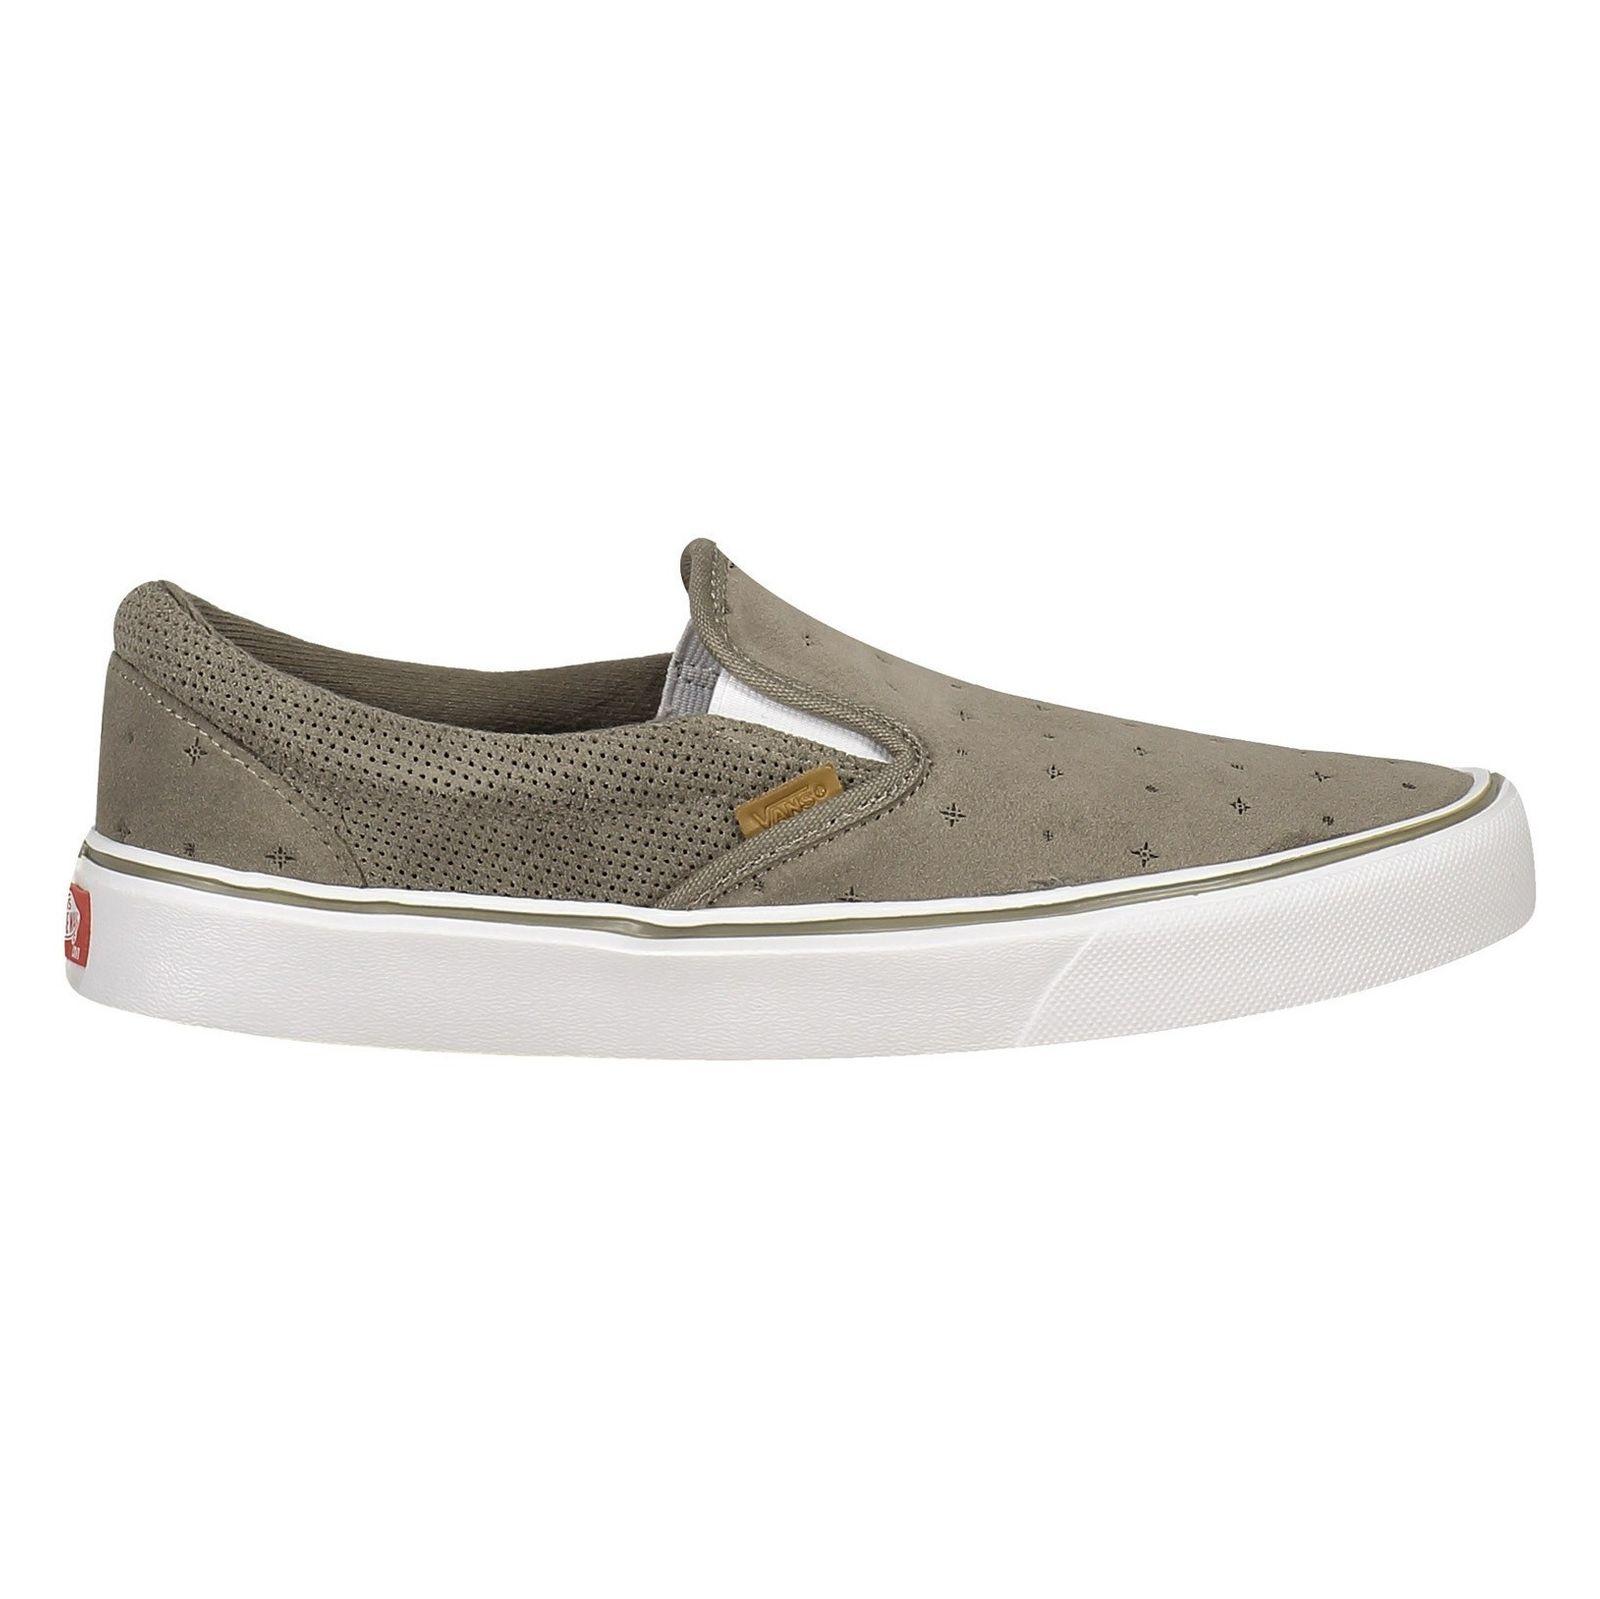 کفش راحتی مردانه Slip On Lite - ونس - طوسي  - 1